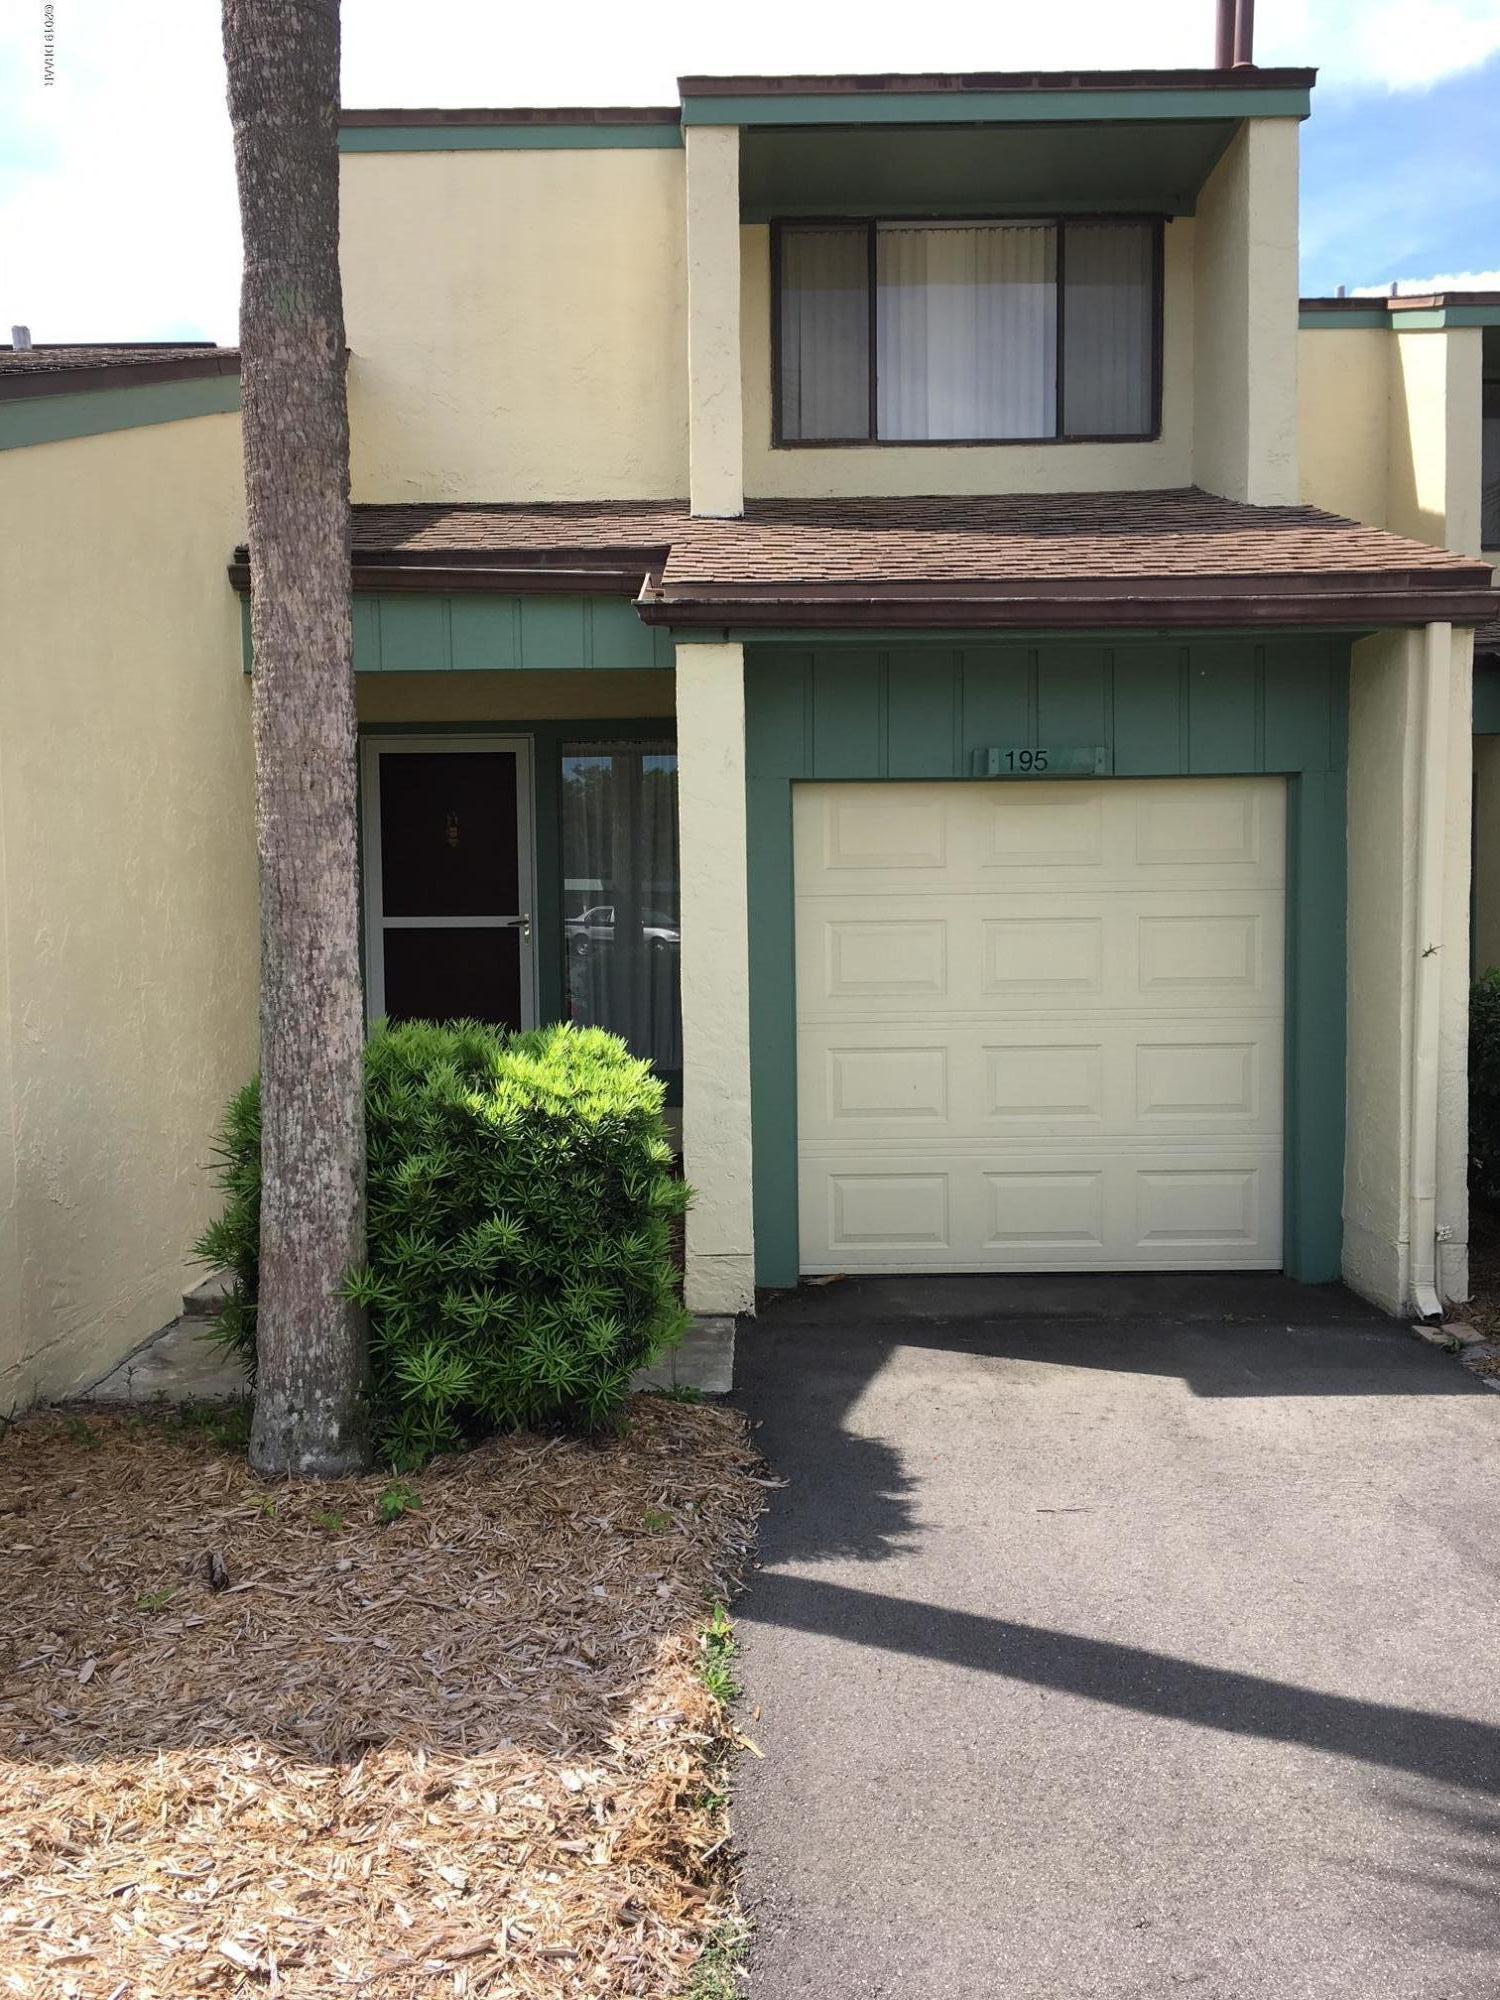 Photo of 195 Club House Boulevard, New Smyrna Beach, FL 32168